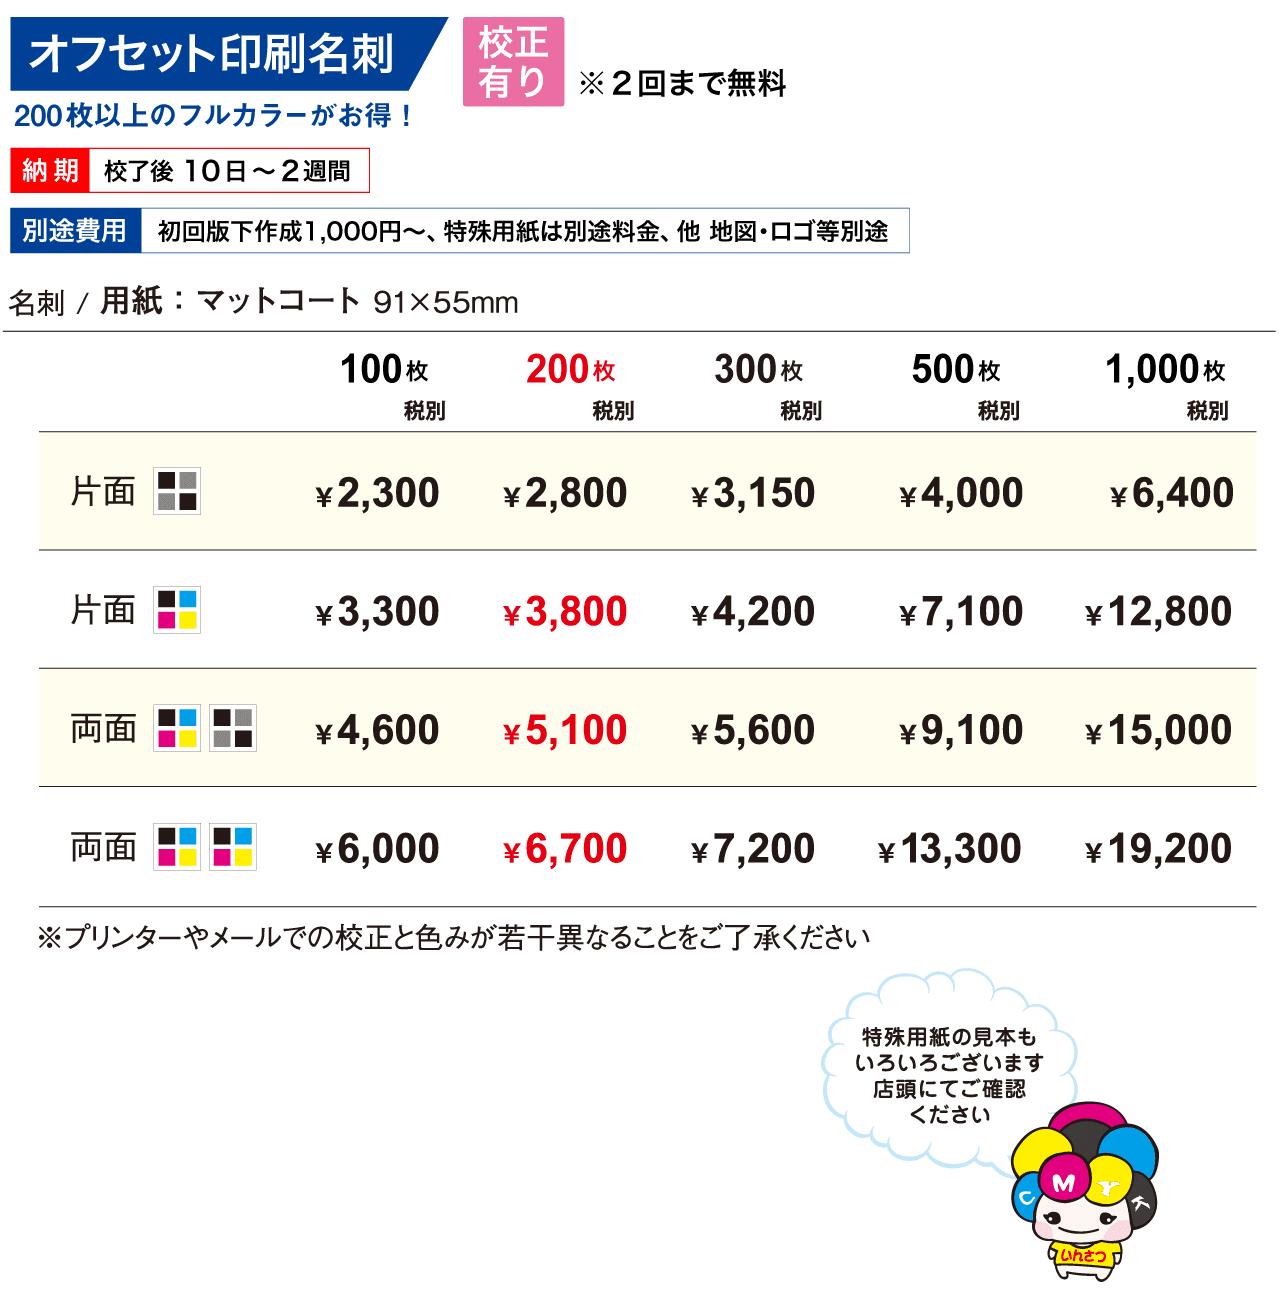 オフセット印刷名刺の料金表